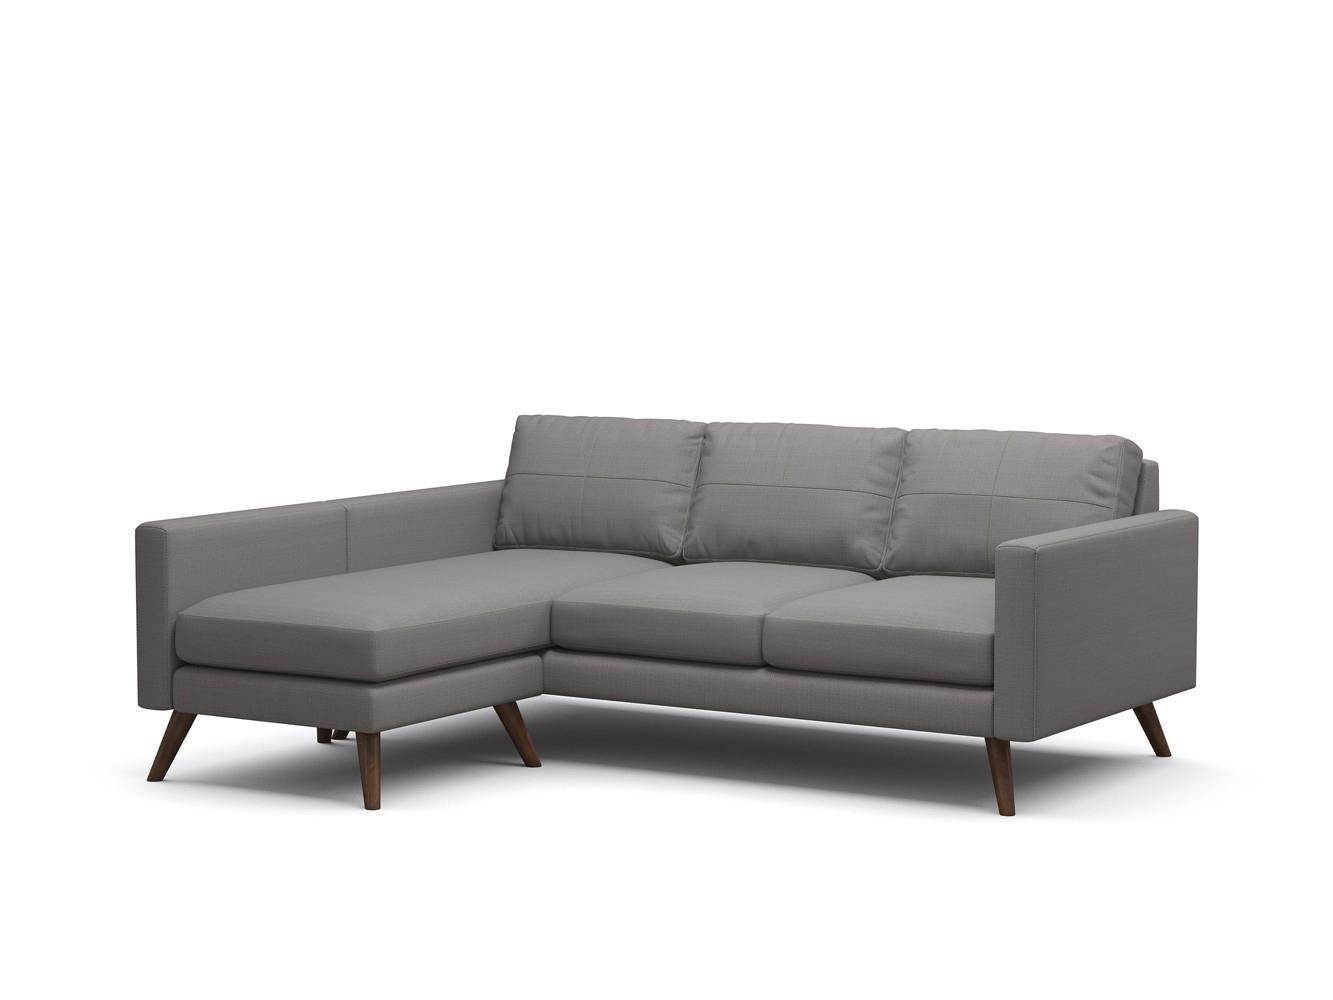 Dane Apartment Sofa – Truemodern™ With Regard To Apartment Sofas (View 2 of 10)